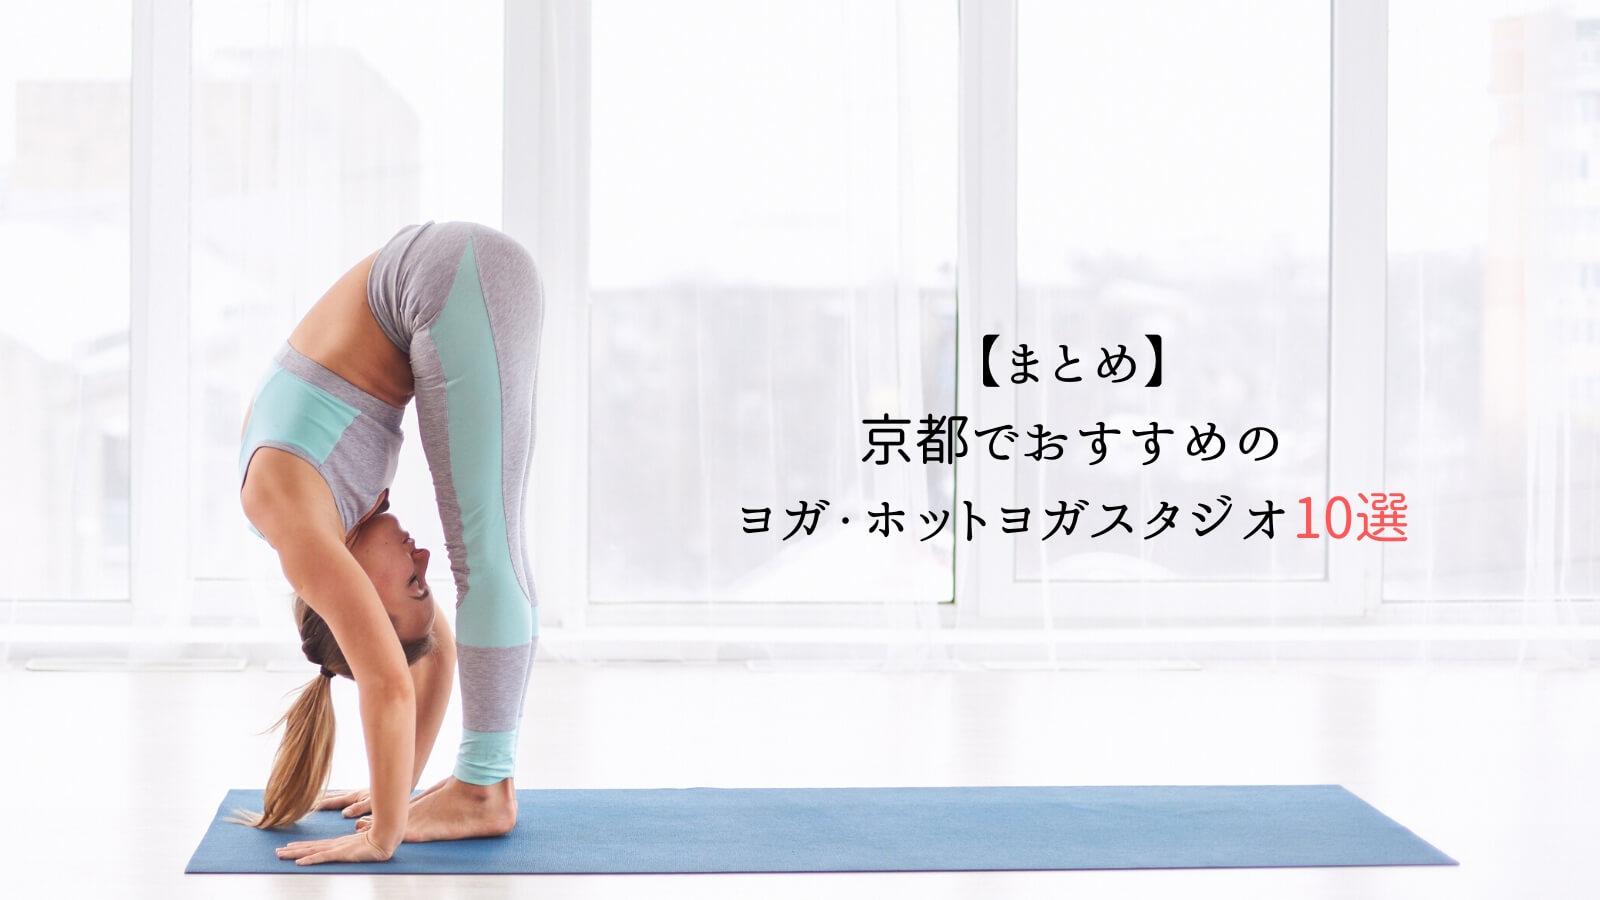 【まとめ】京都でおすすめのヨガ・ホットヨガスタジオ10選